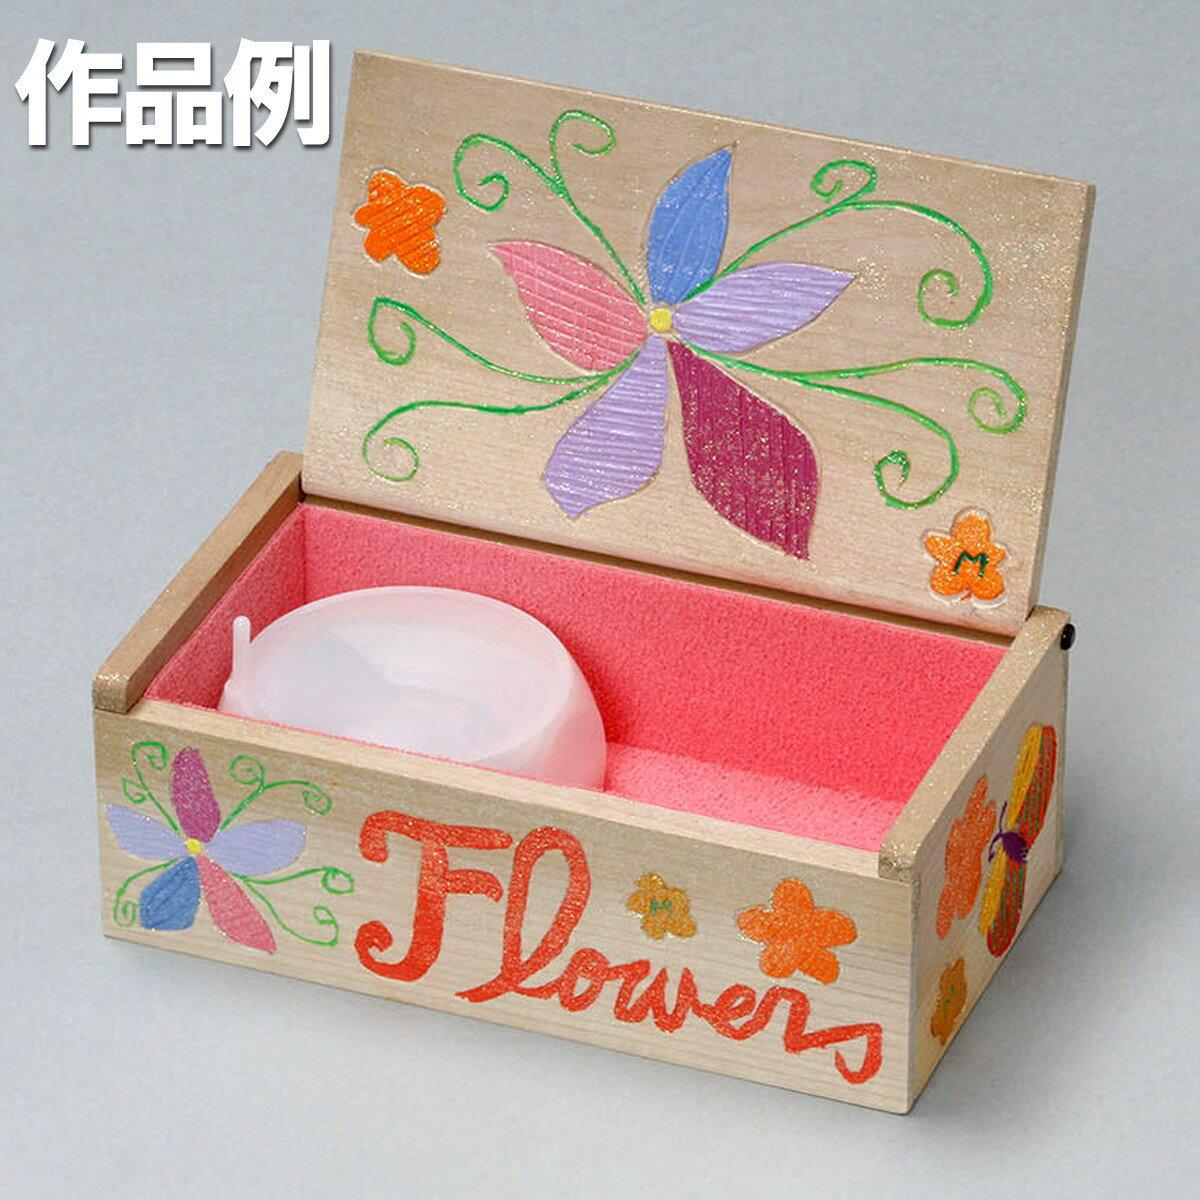 デコデコオルゴール箱 カラフルマットセット ピンク 【 夏休み 工作 デコ オルゴール 】